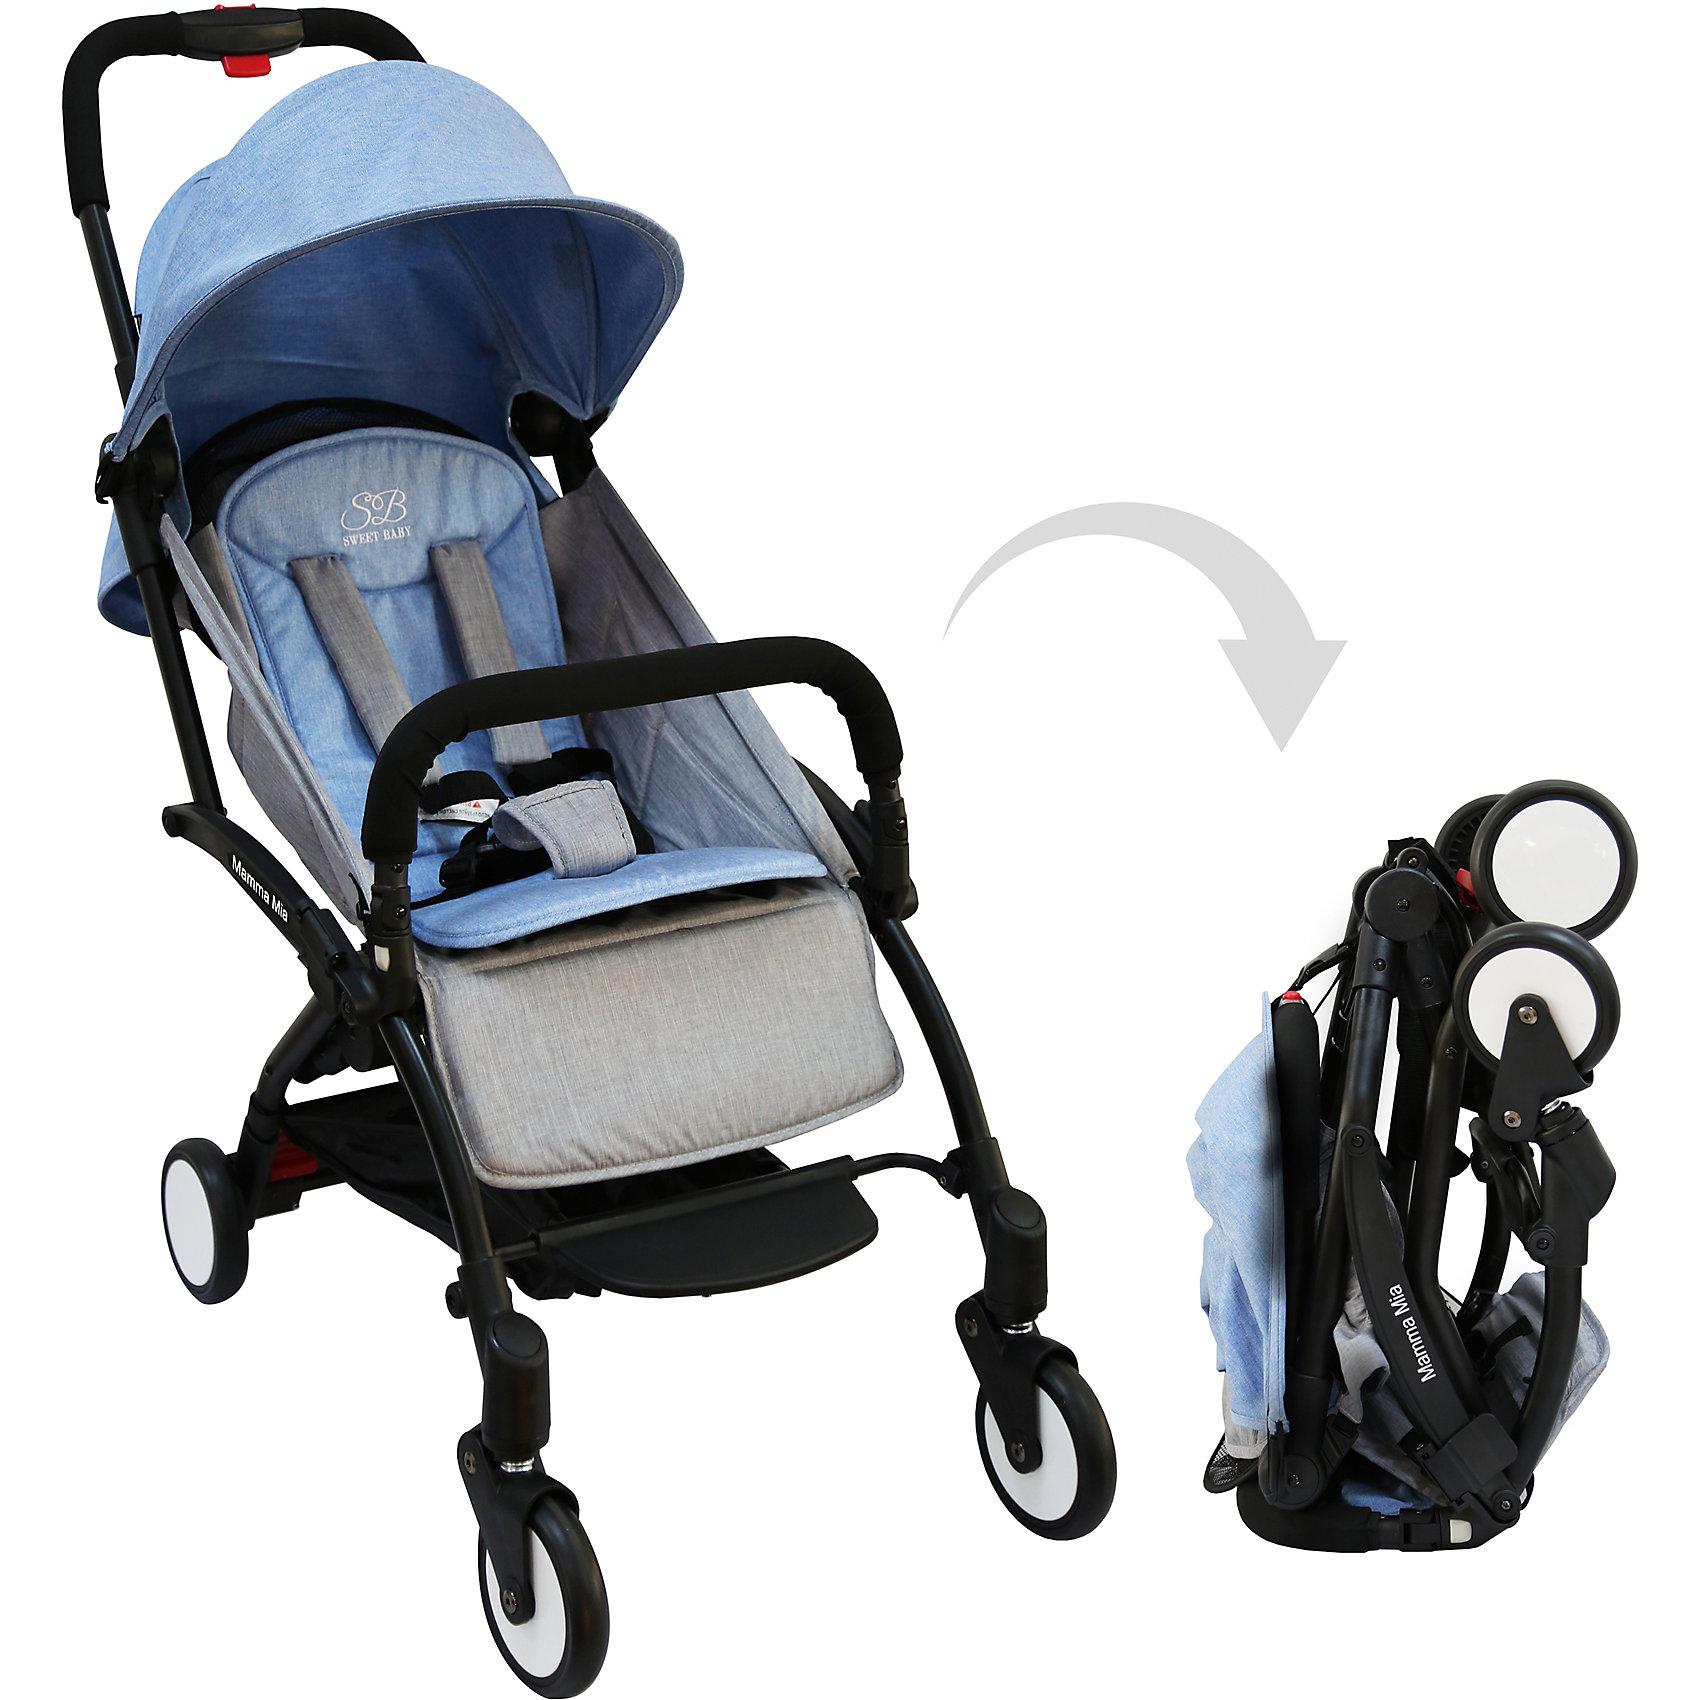 Прогулочная коляска Sweet Baby Mamma Mia Linen Dubai, голубаяПрогулочные коляски<br>Характеристики товара:<br><br>• цвет: Linen Dubai, голубой<br>• алюминиевая рама.<br>• регулируемая ремешком спинка коляски, угол наклона 165 градусов<br>• на сиденье со спинкой находится съемный матрасик с прорезями для ремней<br>• защитный съемный бампер перед ребенком<br>• пластиковая подножка для подросшего ребенка<br>• капюшон со смотровым окошком<br>• цельная ручка коляски с накладкой<br>• полиуретановые колеса<br>• передние поворотные (без блокировки)<br>• пружинная амортизация на передних колесах<br>• тип тормоза: ножной, на одном из задних колес<br>• механизм складывания: книжка<br>• коляска складывается одной рукой вместе с прогулочным блоком<br>• имеется ремень для переноски коляски на плече<br><br>Размер коляски: 67х45х103 см<br>Размер коляски в сложенном виде: 20х43х57 см<br>Вес коляски: 5,8 кг<br>Размер упаковки: 95х46х97 см<br>Вес в упаковке: 7,7 кг<br><br>Прогулочная коляска Mamma Mia бренда Sweet Baby имеет небольшой вес и компактный размер, что идеально для родителей, путешествующих с ребенком. В сложенном виде она очень компактна и без труда влезет в багажник или на полку самолета.<br><br>Прогулочную коляску Mamma Mia Linen Dubai, Sweet Baby, цвет голубой можно купить в нашем интернет-магазине.<br><br>Ширина мм: 950<br>Глубина мм: 460<br>Высота мм: 970<br>Вес г: 7770<br>Цвет: голубой<br>Возраст от месяцев: 0<br>Возраст до месяцев: 36<br>Пол: Унисекс<br>Возраст: Детский<br>SKU: 5614393